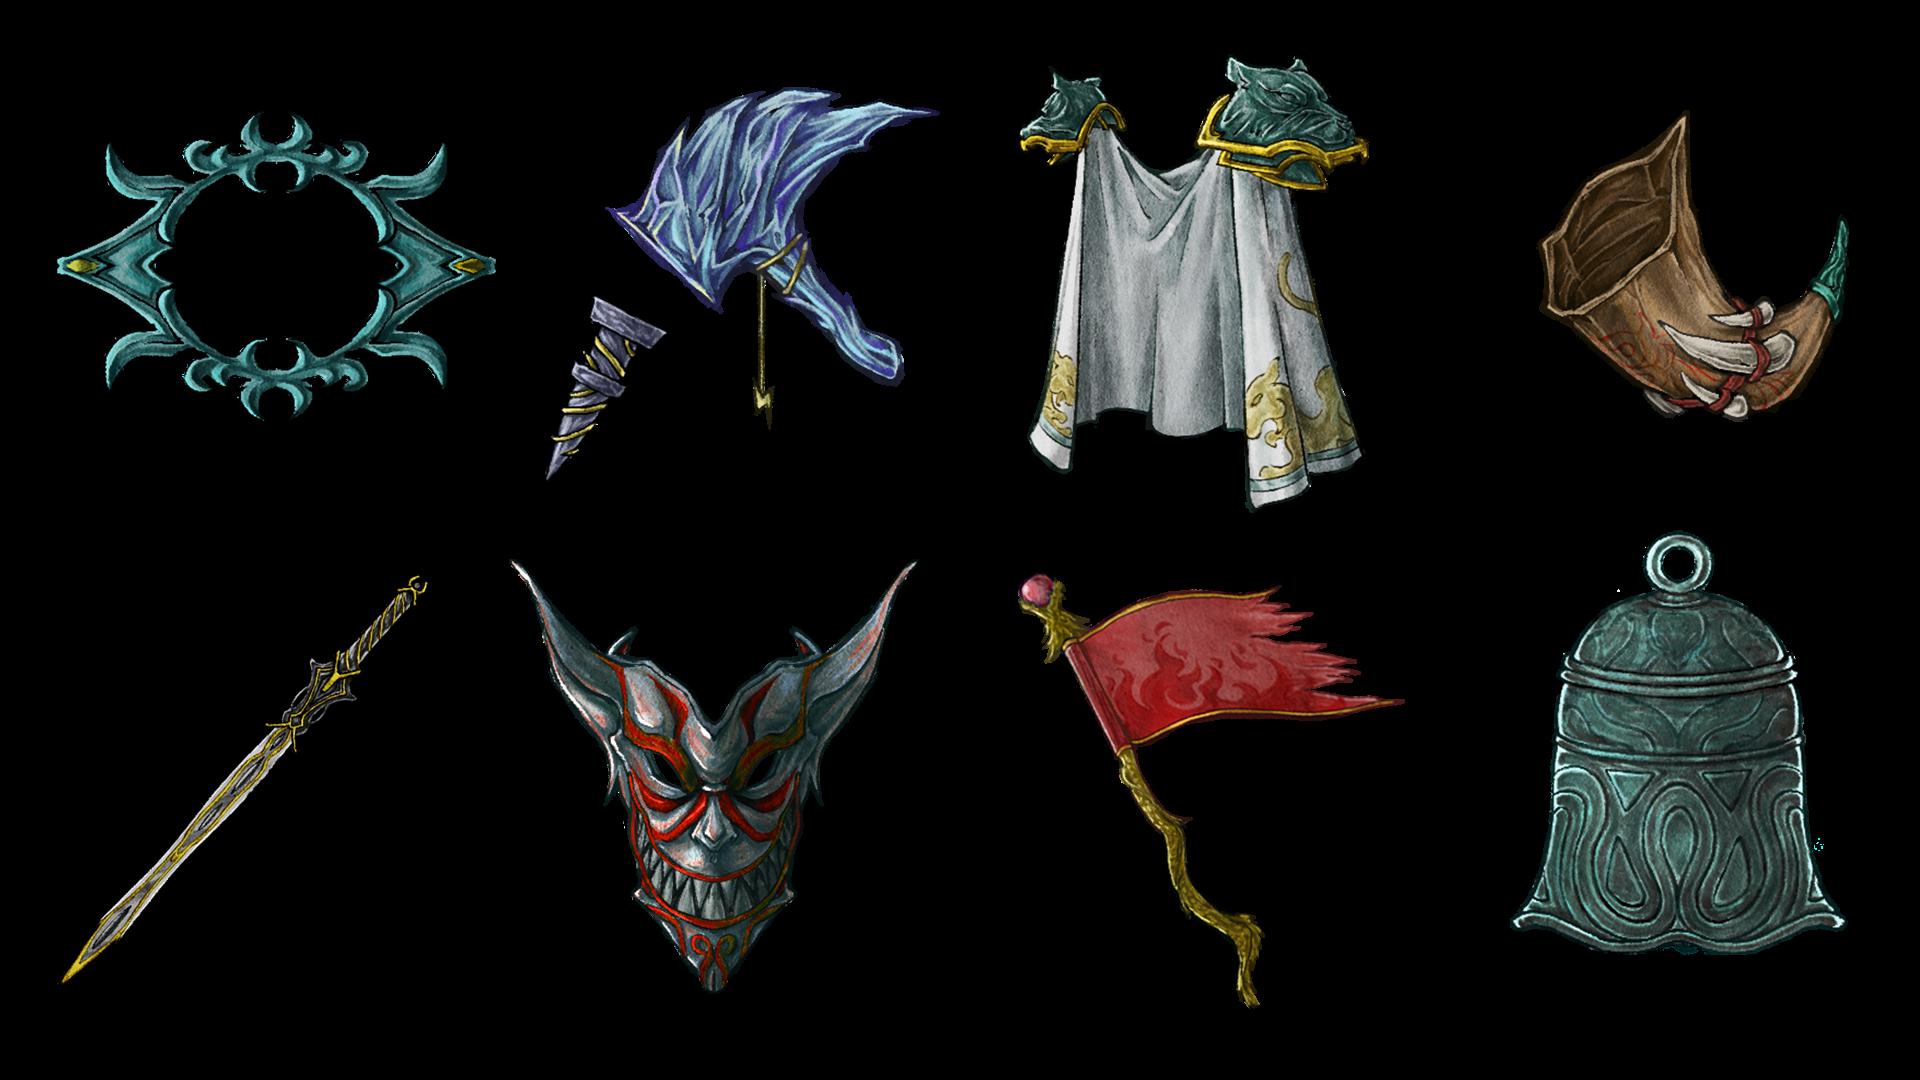 《鬼谷八荒》大版本更新 全新炼器系统以及法宝和器灵 游戏资讯 第2张